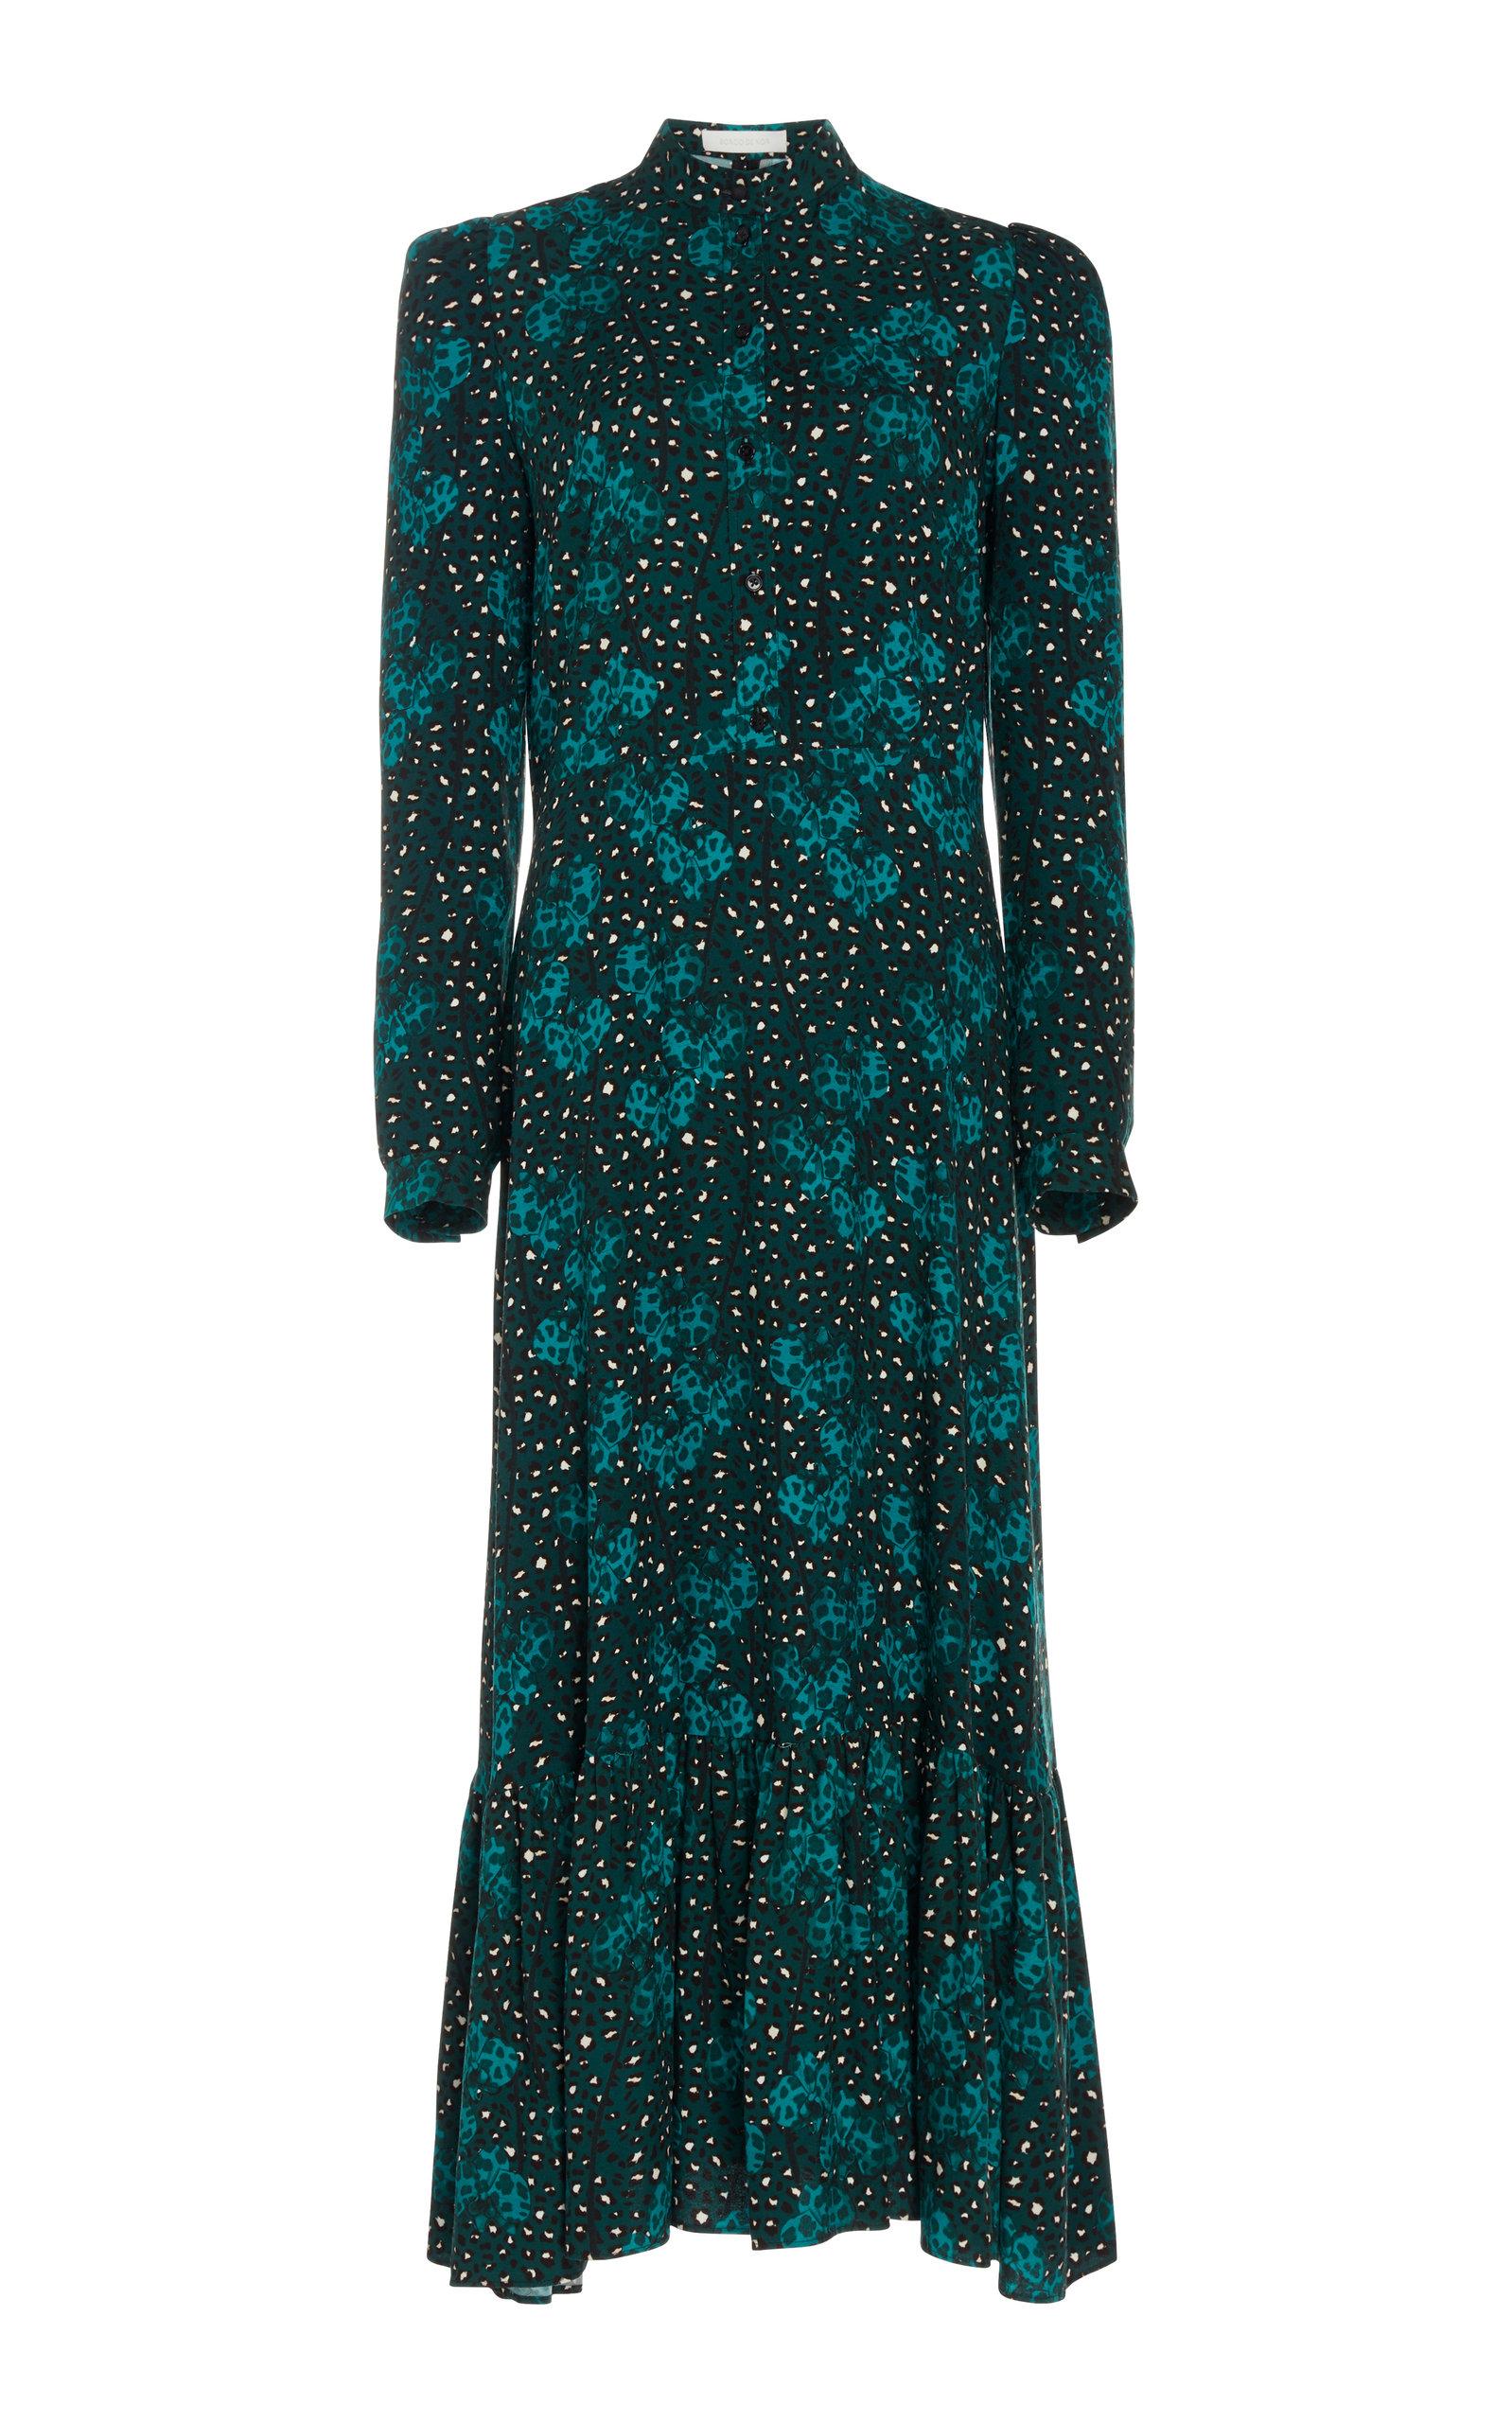 0cef5f76abe8 Rafaela Heavy Crepe Maxi Dress by Borgo De Nor | Moda Operandi